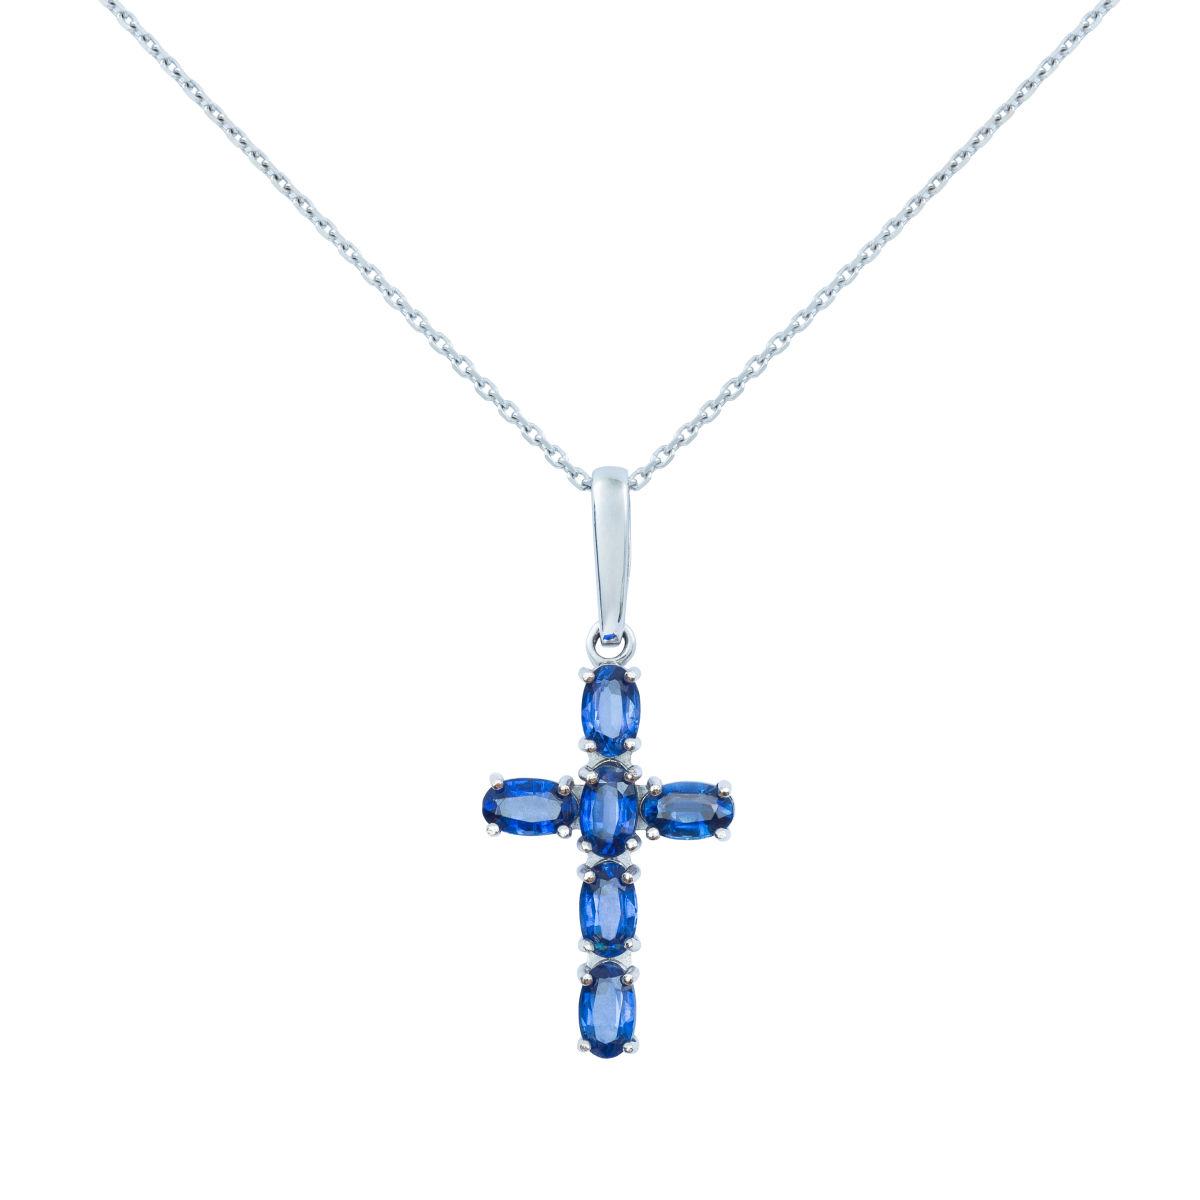 Zlatý náhrdelník křížek skyanity